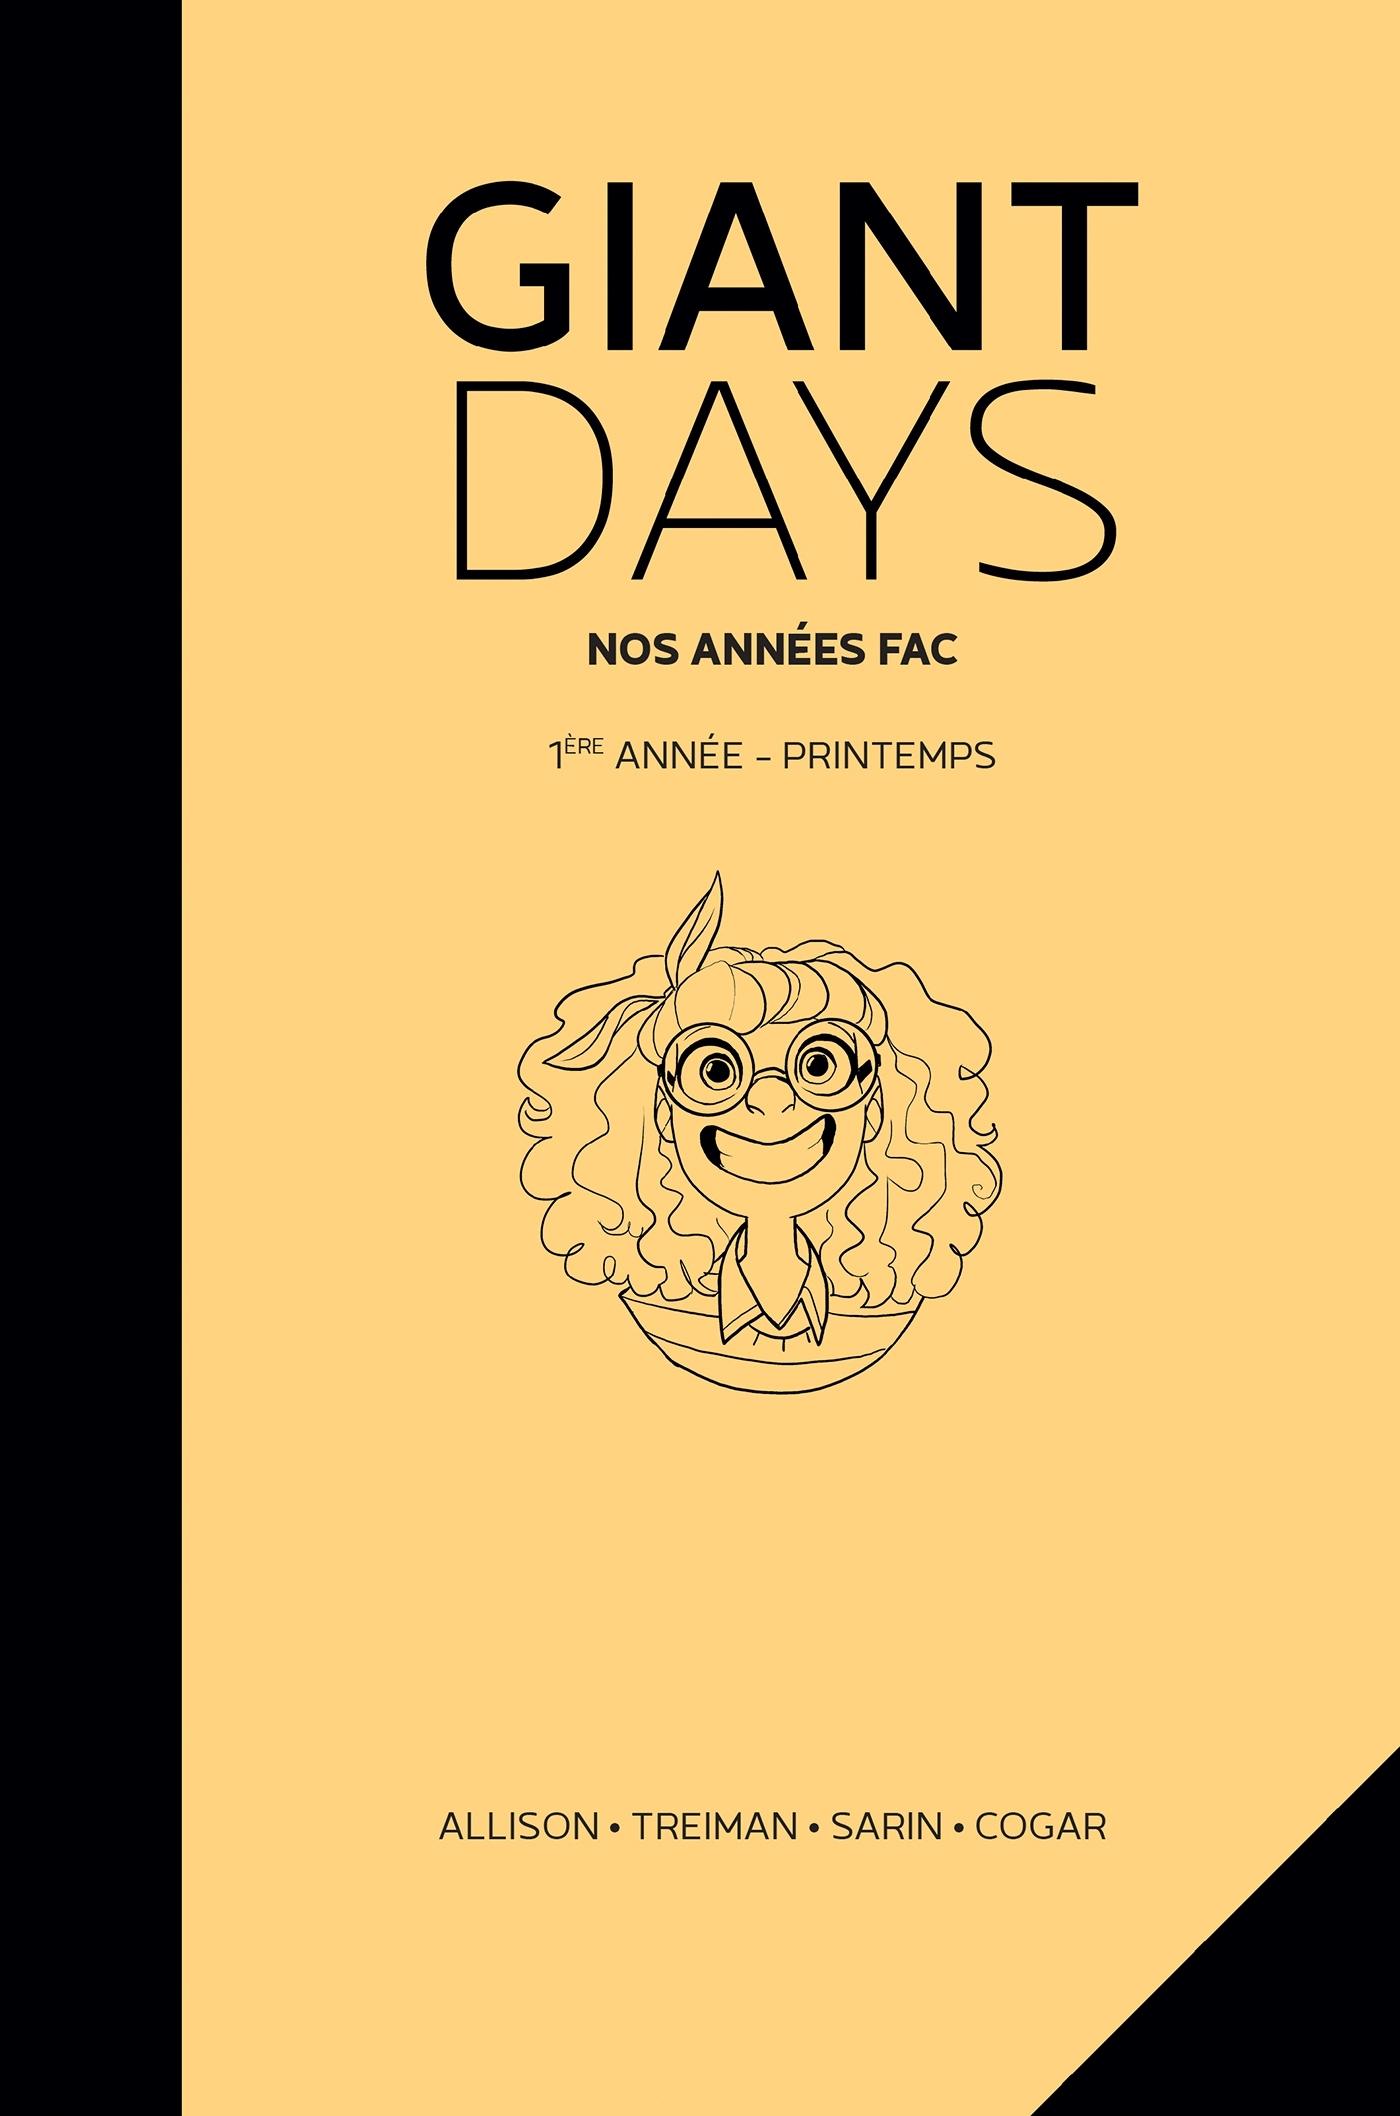 GIANT DAYS - T03 - GIANT DAYS - PRINTEMPS